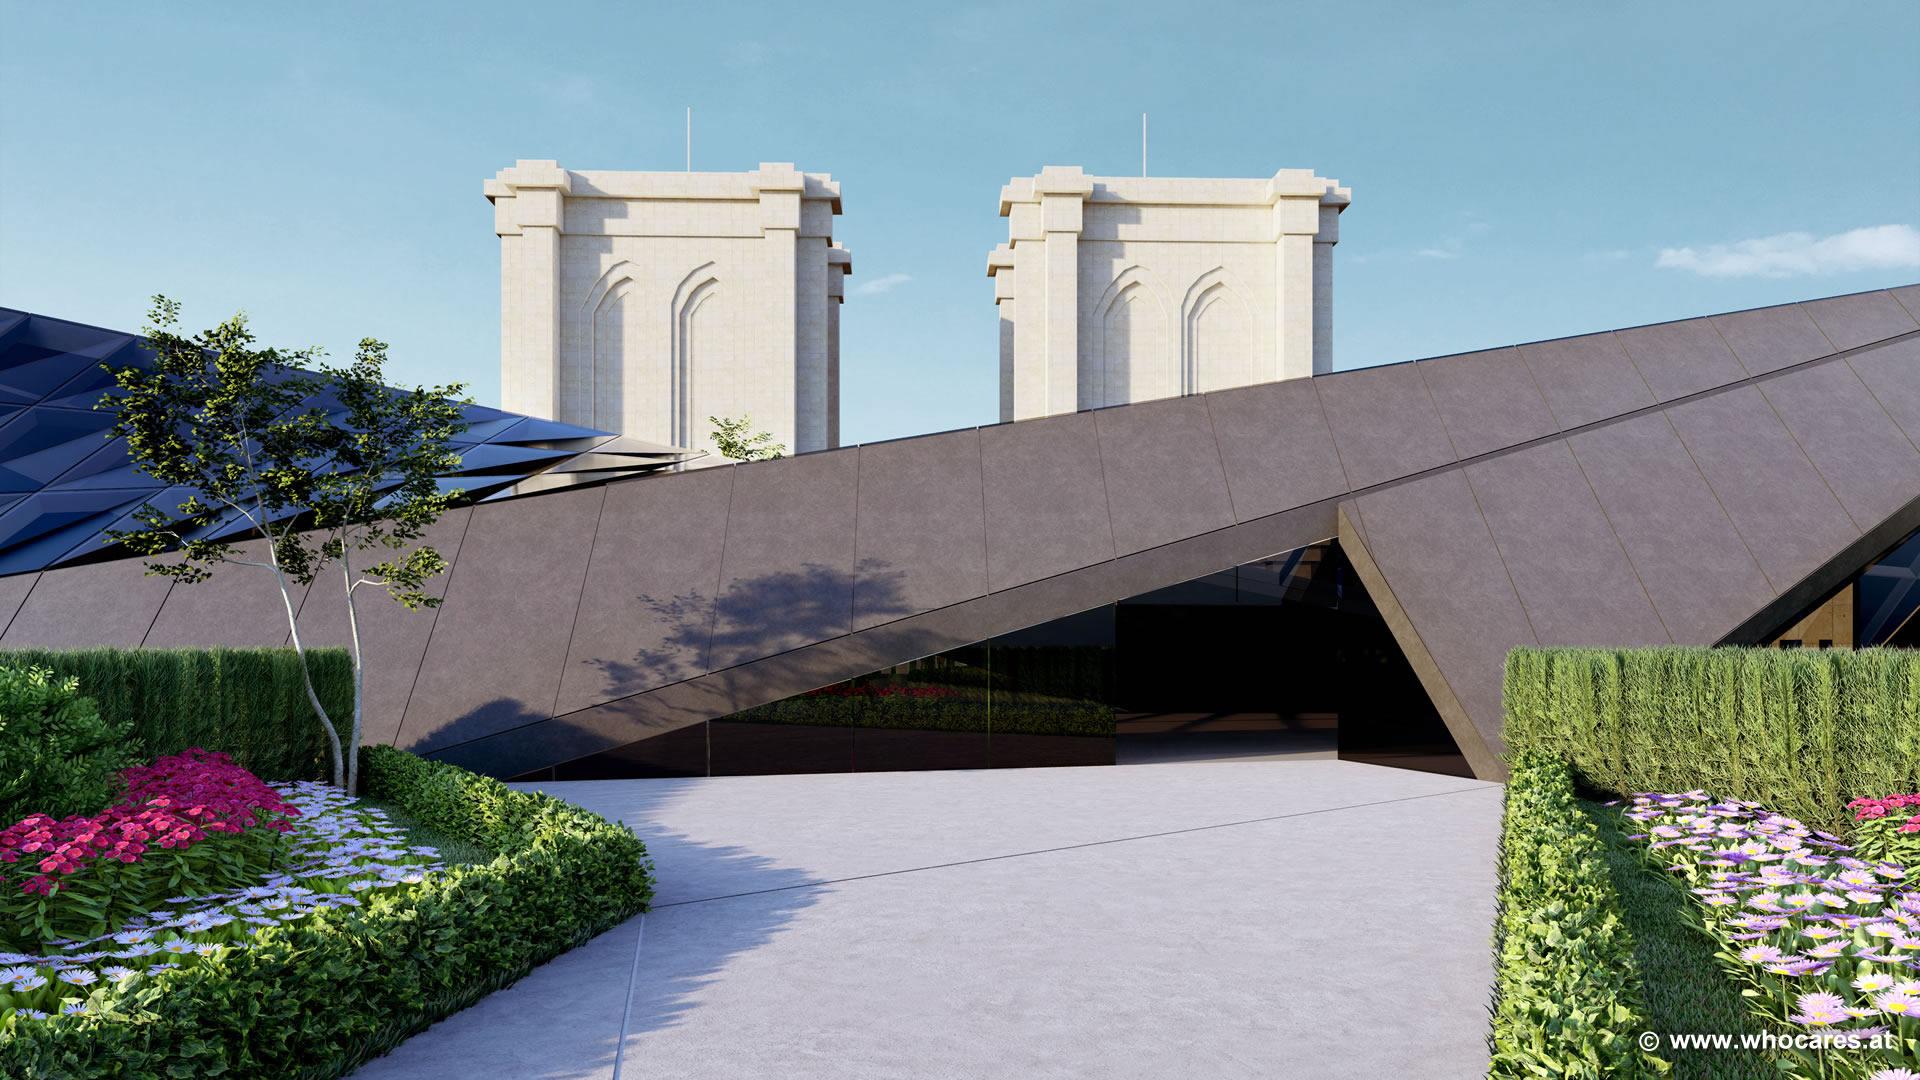 006_notredame_quasimodo_penthouse_entrance_by_whocaresdesign.jpg